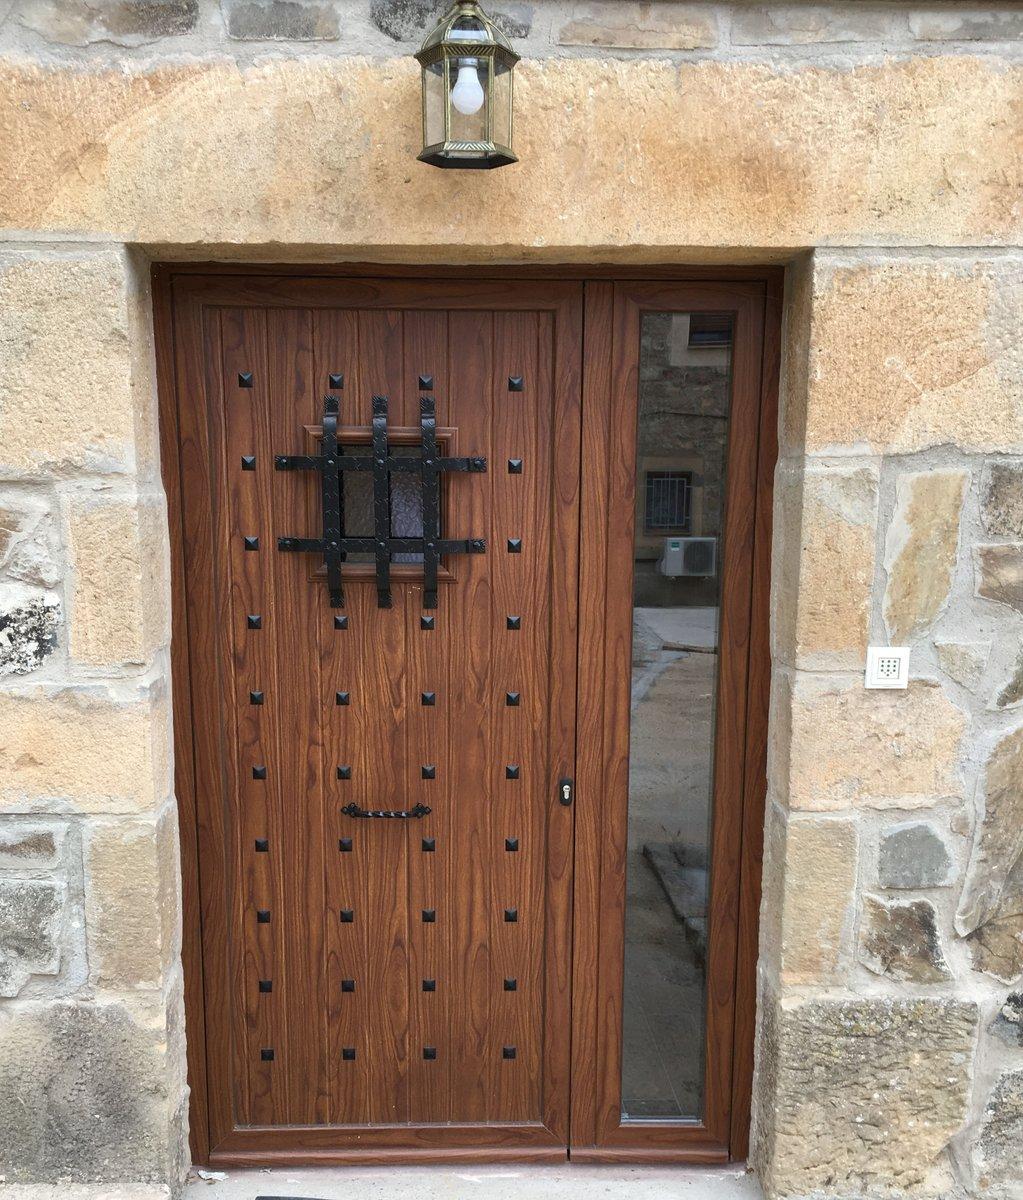 Puertas rusticas de exterior aluminio puertas clset y for Puertas rusticas exterior aluminio precios